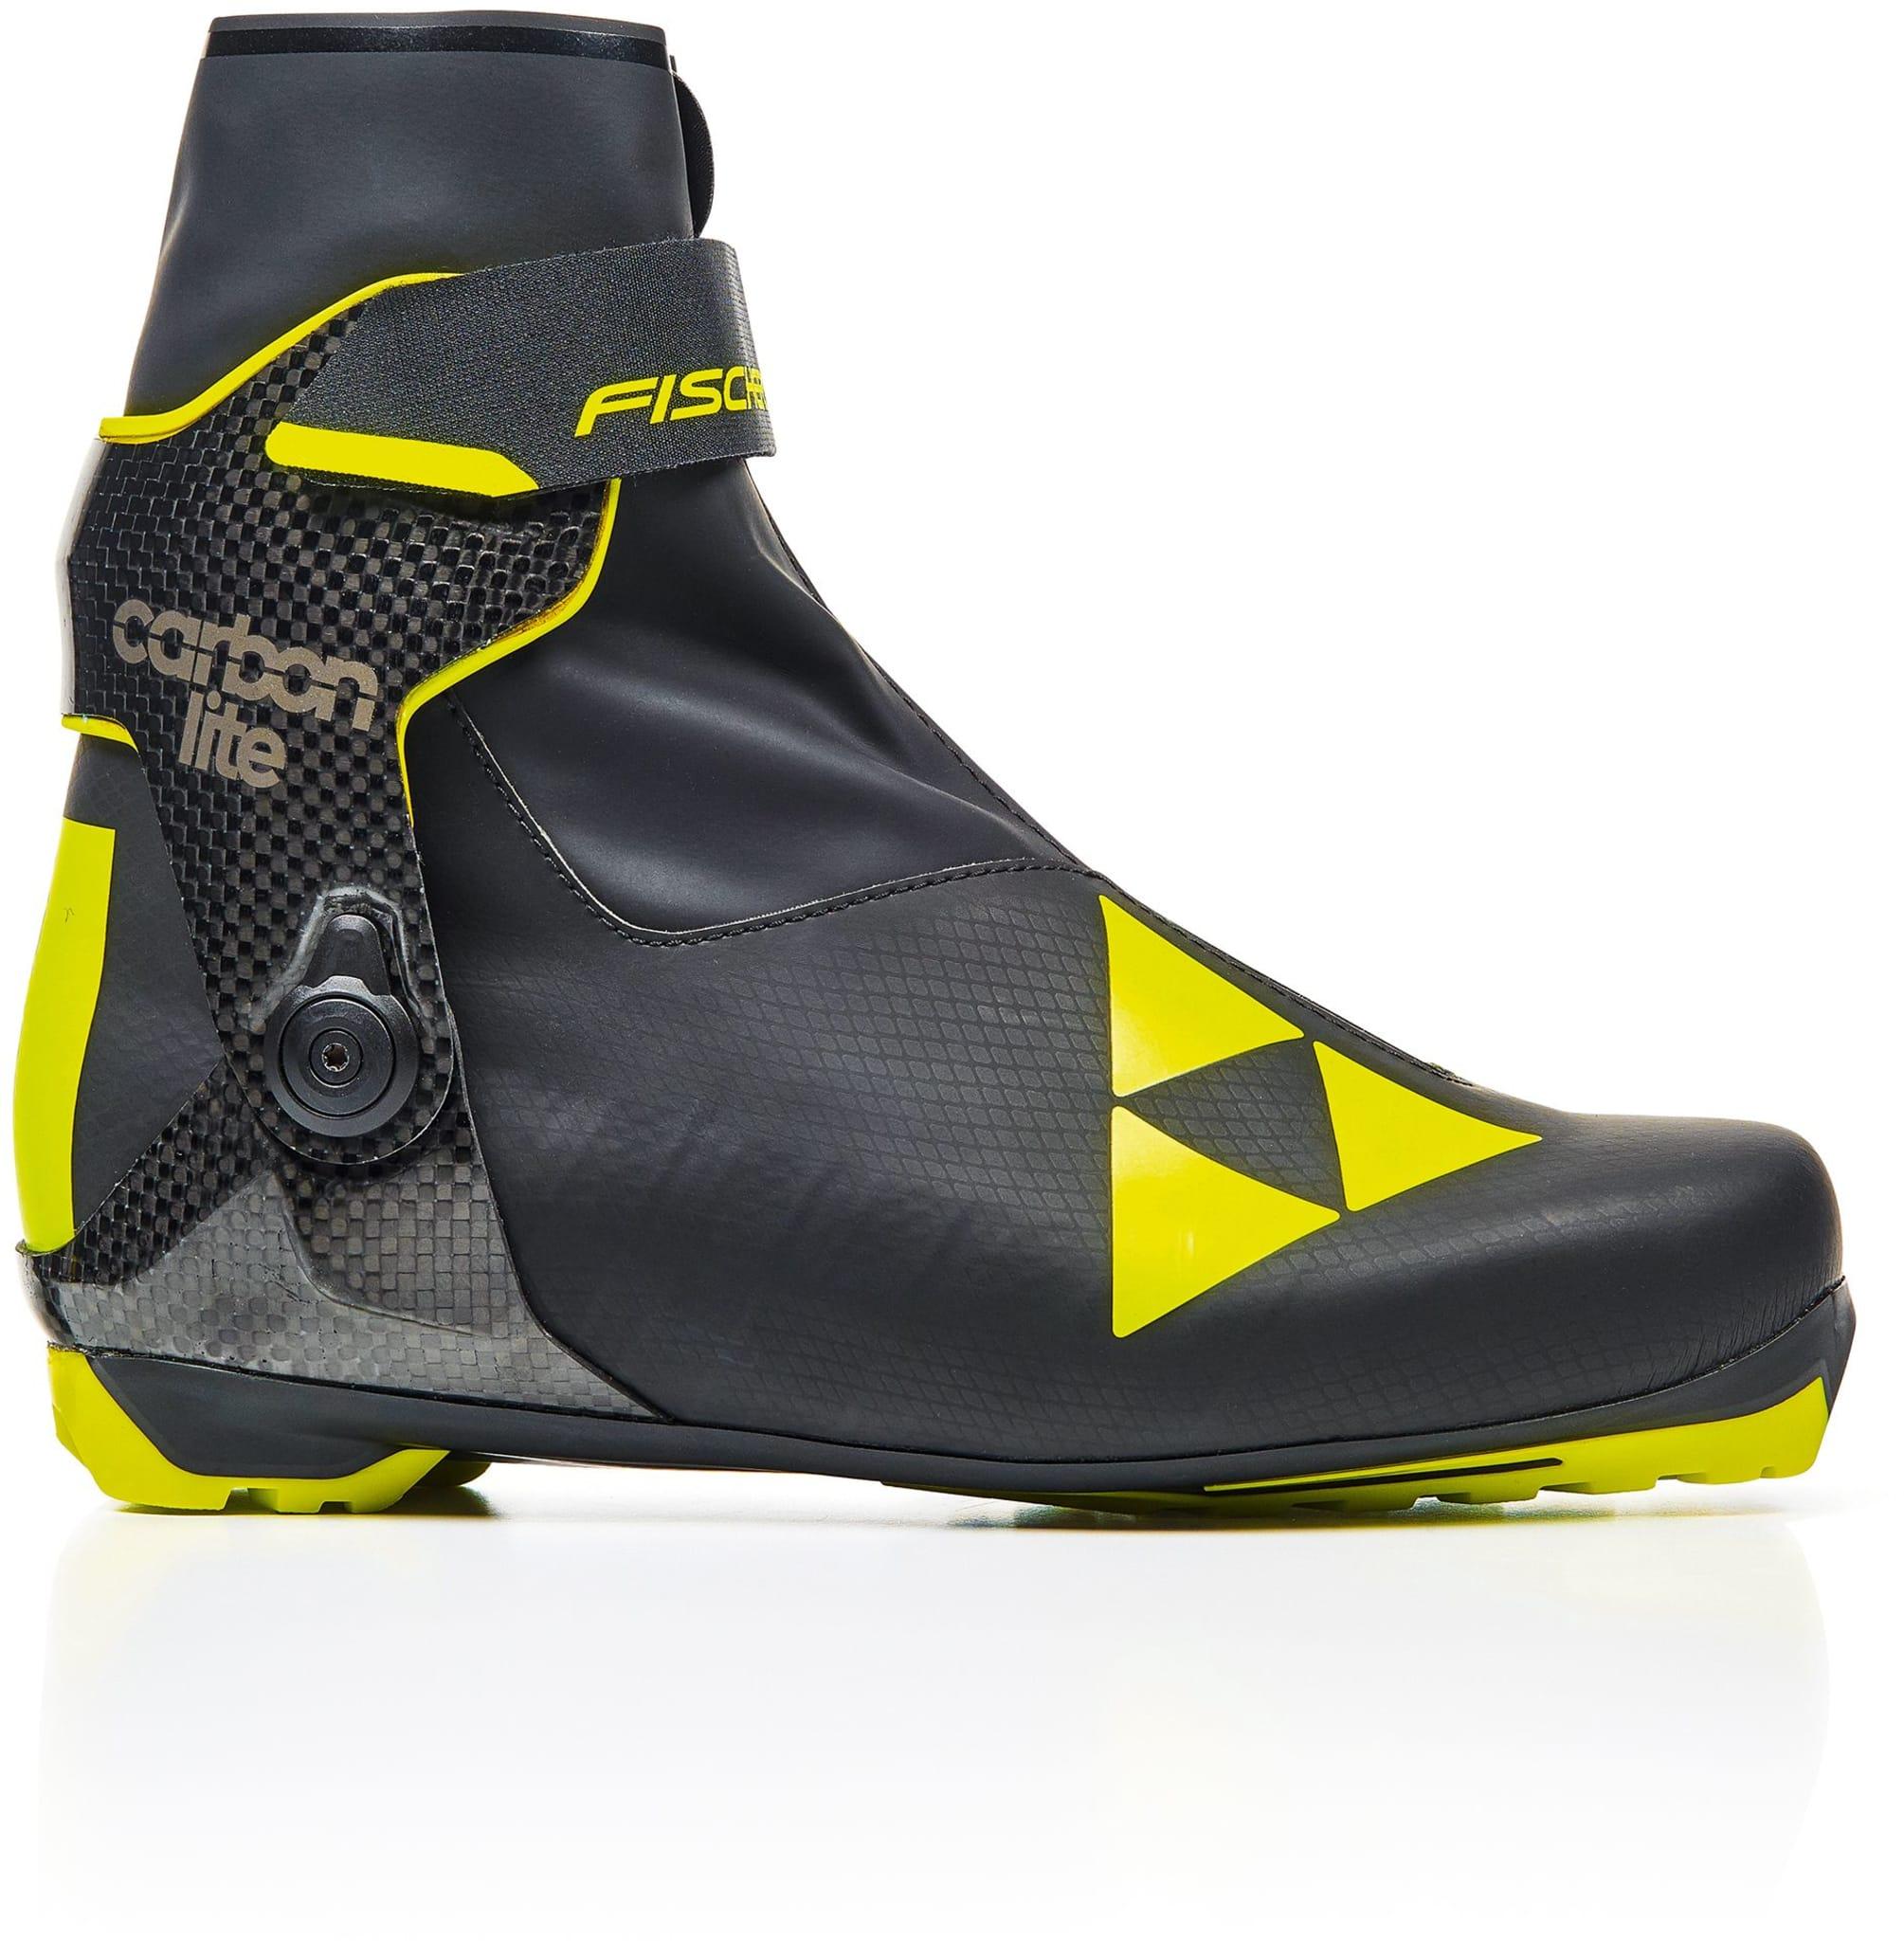 Nu utgave av Carbonlite skate skoen til Fischer!